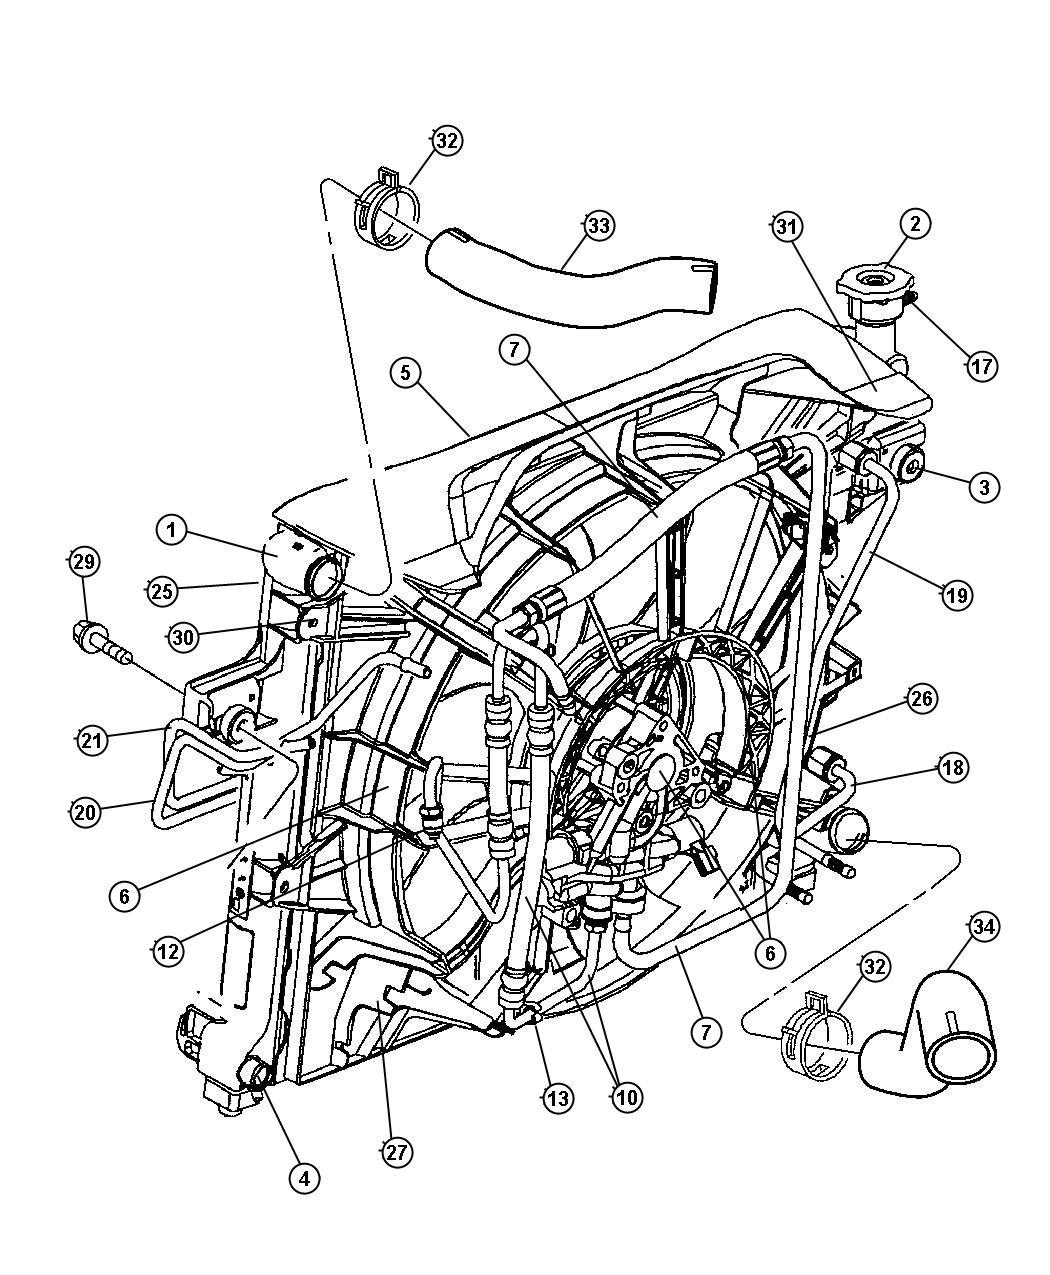 Mopar Performance Ad Mopar Radiator Engine Co